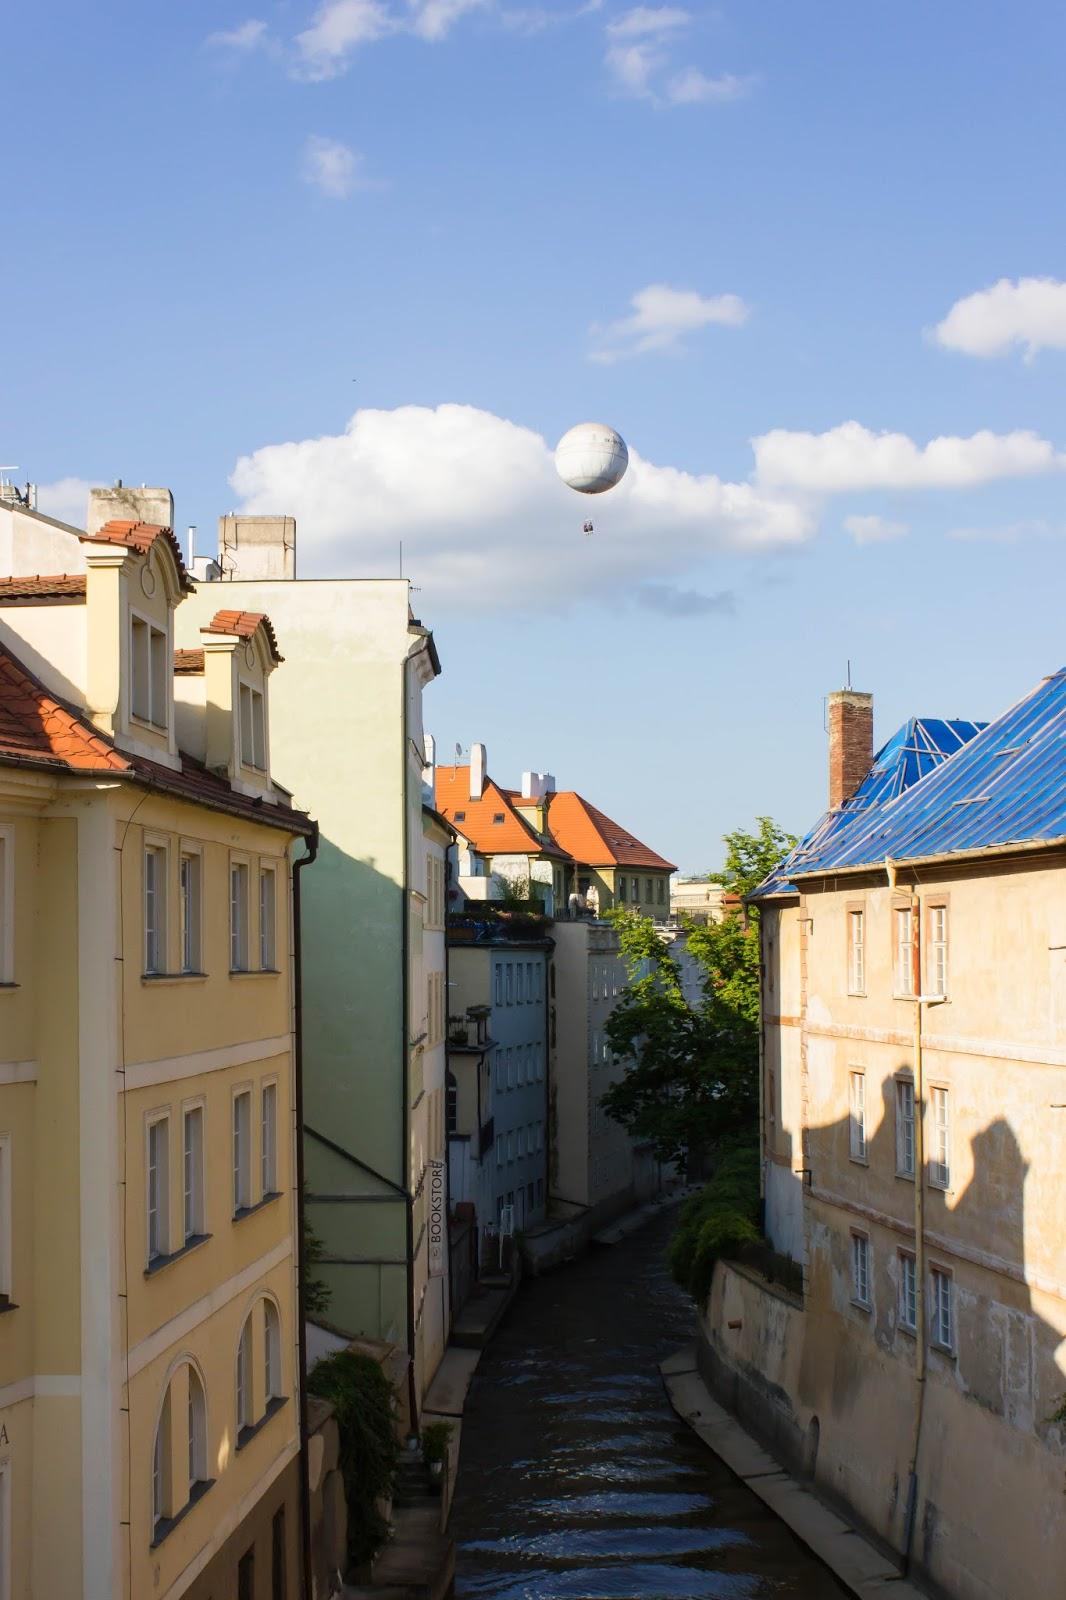 Прага, Чешская Республика, Воздушный шар